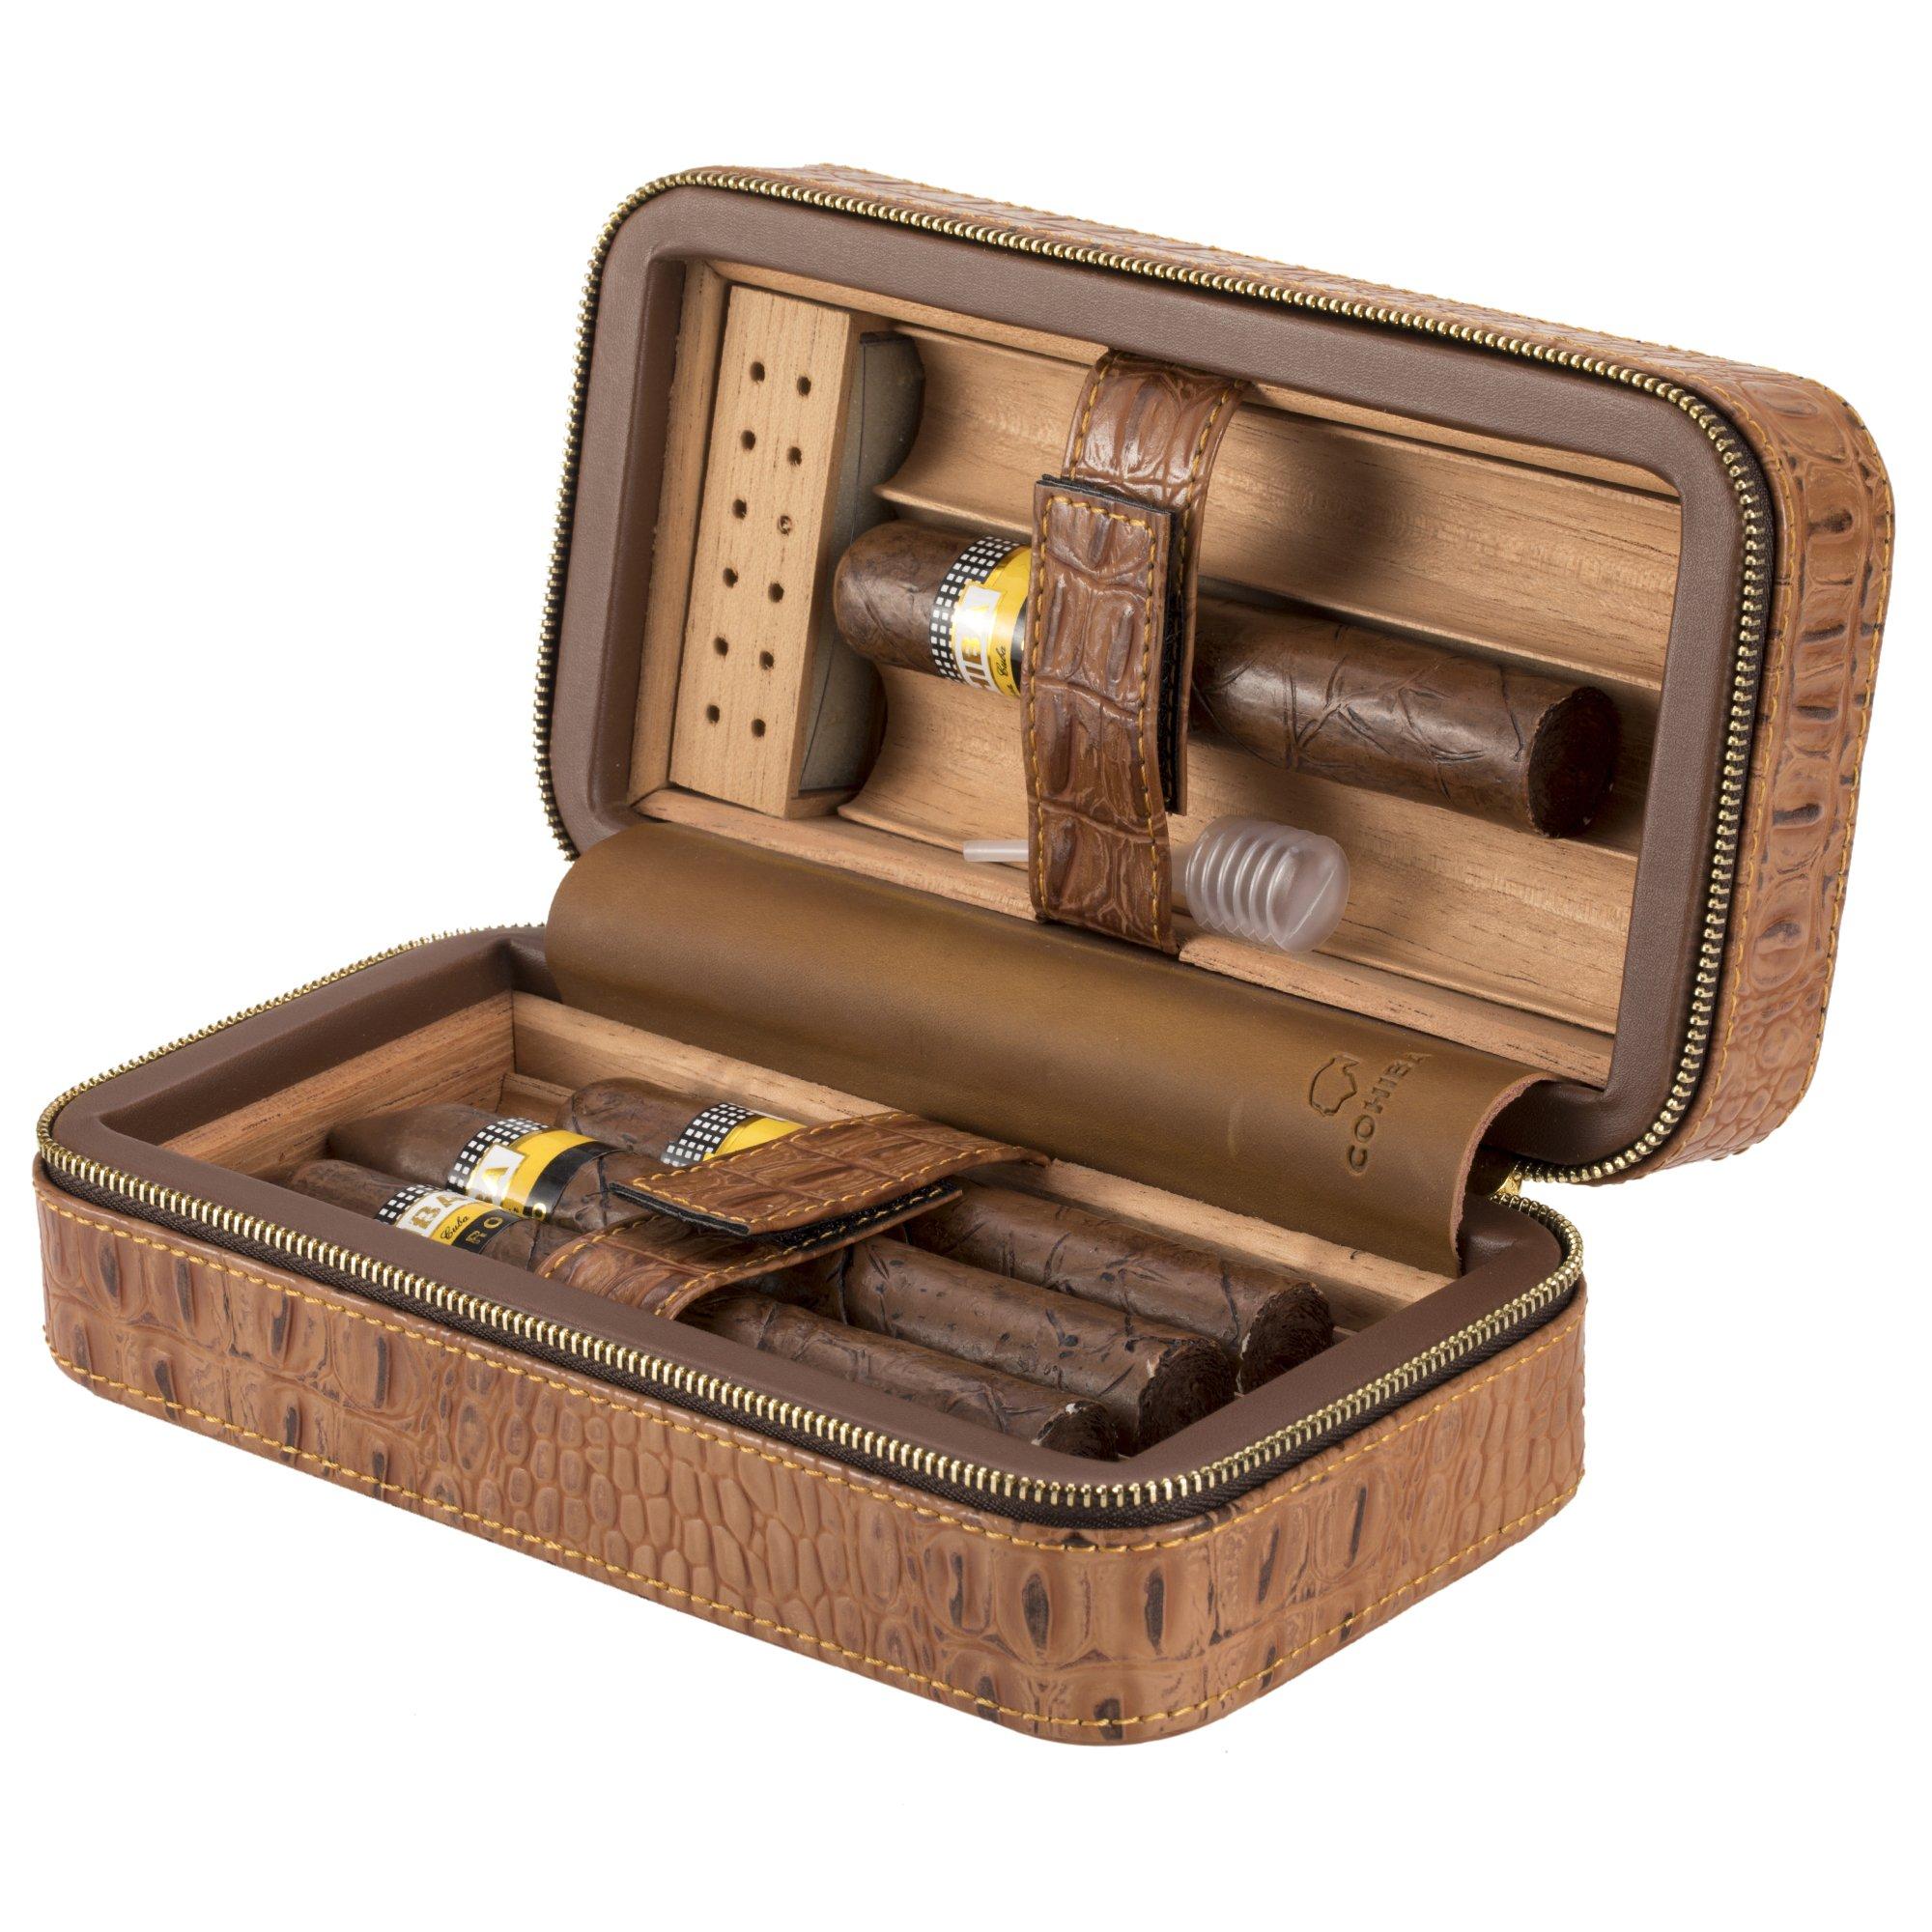 XIFEI portable crocodile grain cigar humidors Cedar wood travel cigar humidor for 6 cigar